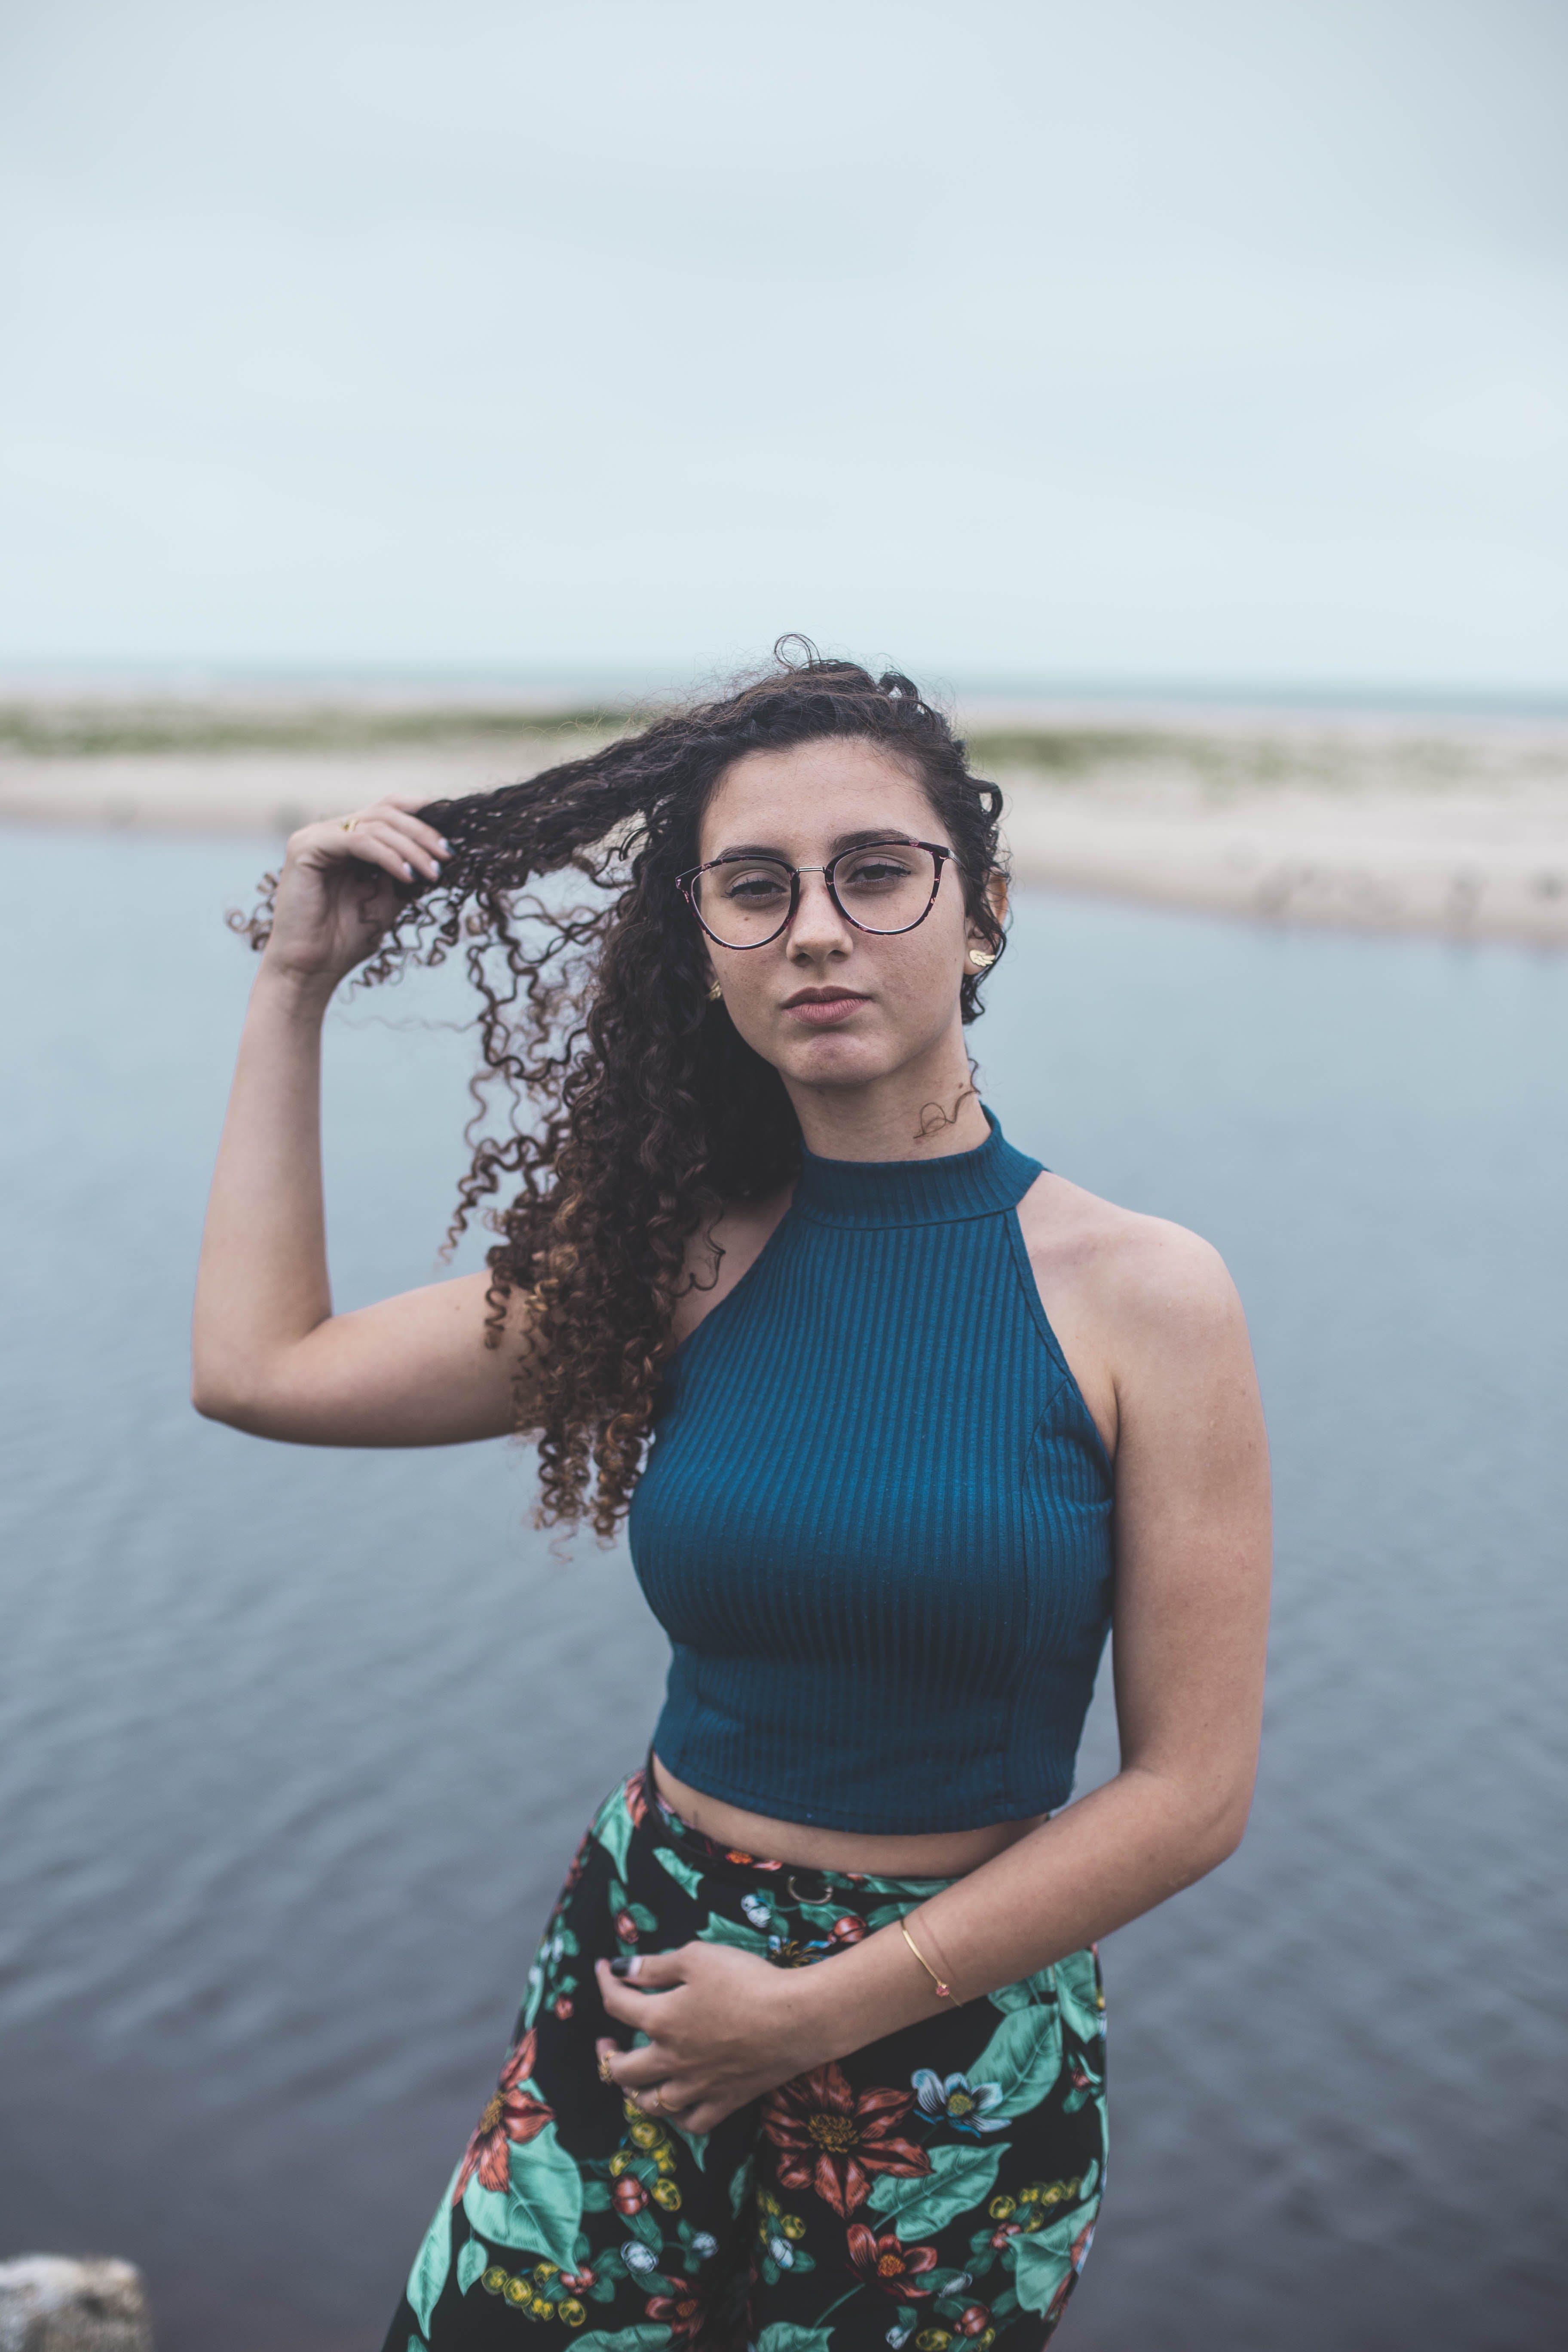 곱슬머리, 레저, 물, 블루의 무료 스톡 사진